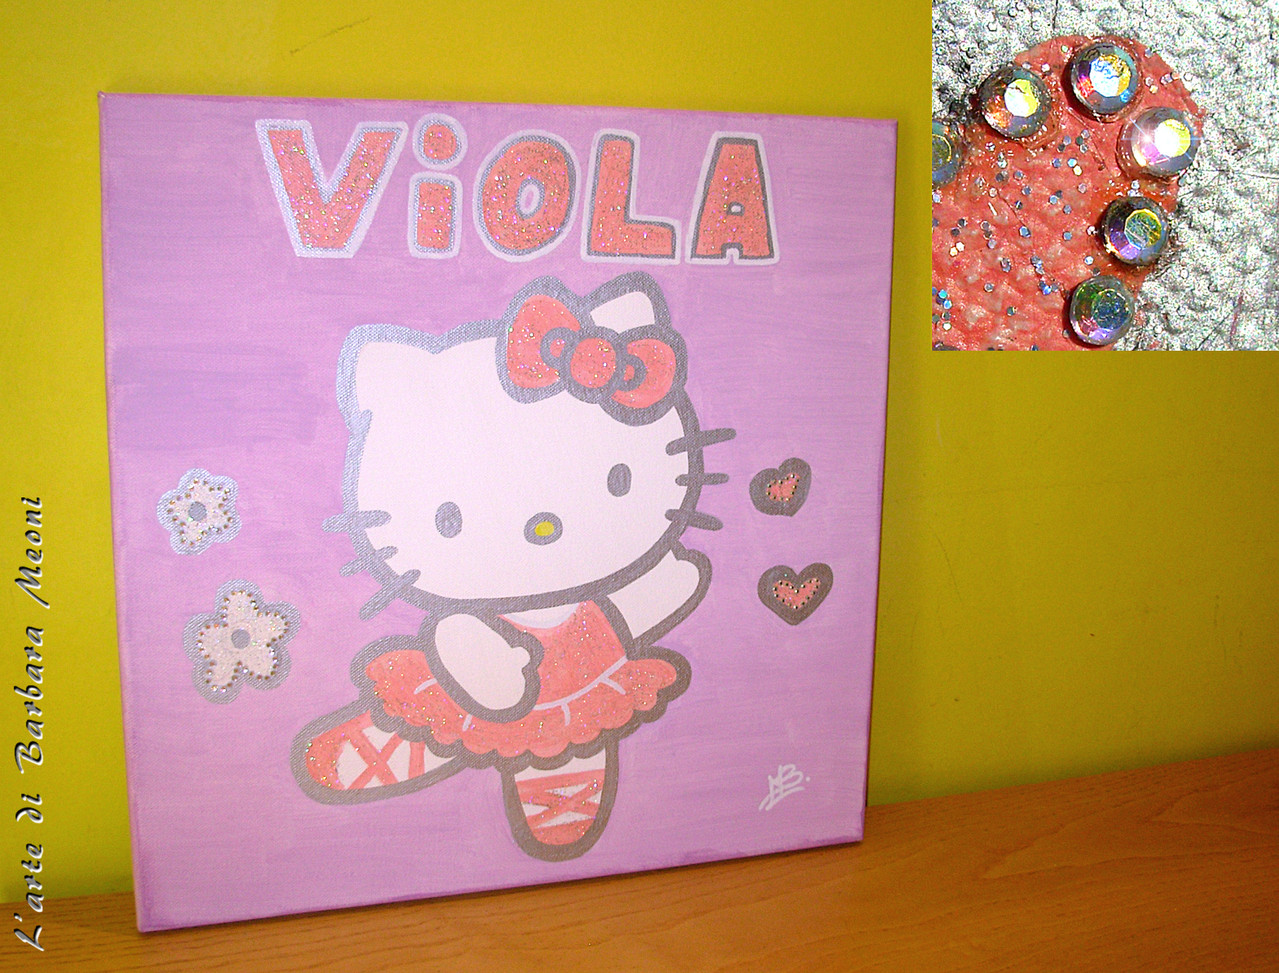 Hello Kitty-Acrilico su tela con effetto glitter iridescente e con rifiniture in strass arcobaleno 40x40 cm